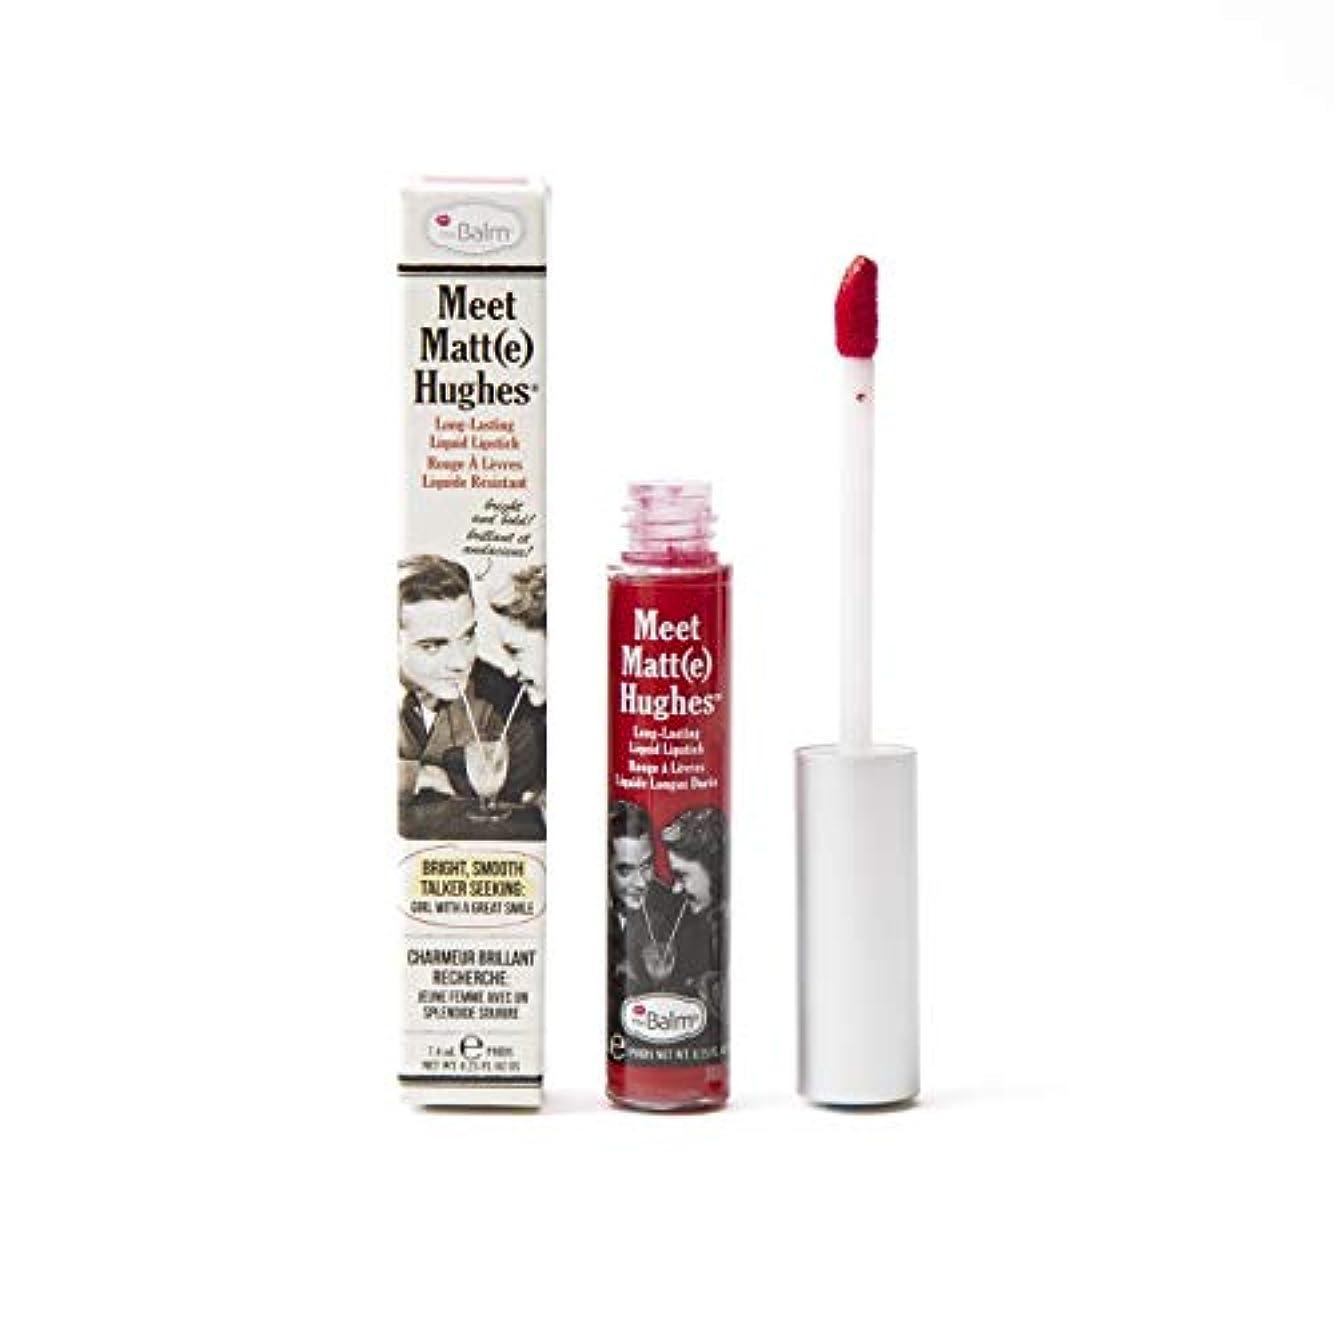 ライフルアーティファクト不確実ザバーム Meet Matte Hughes Long Lasting Liquid Lipstick - Devoted 7.4ml/0.25oz並行輸入品